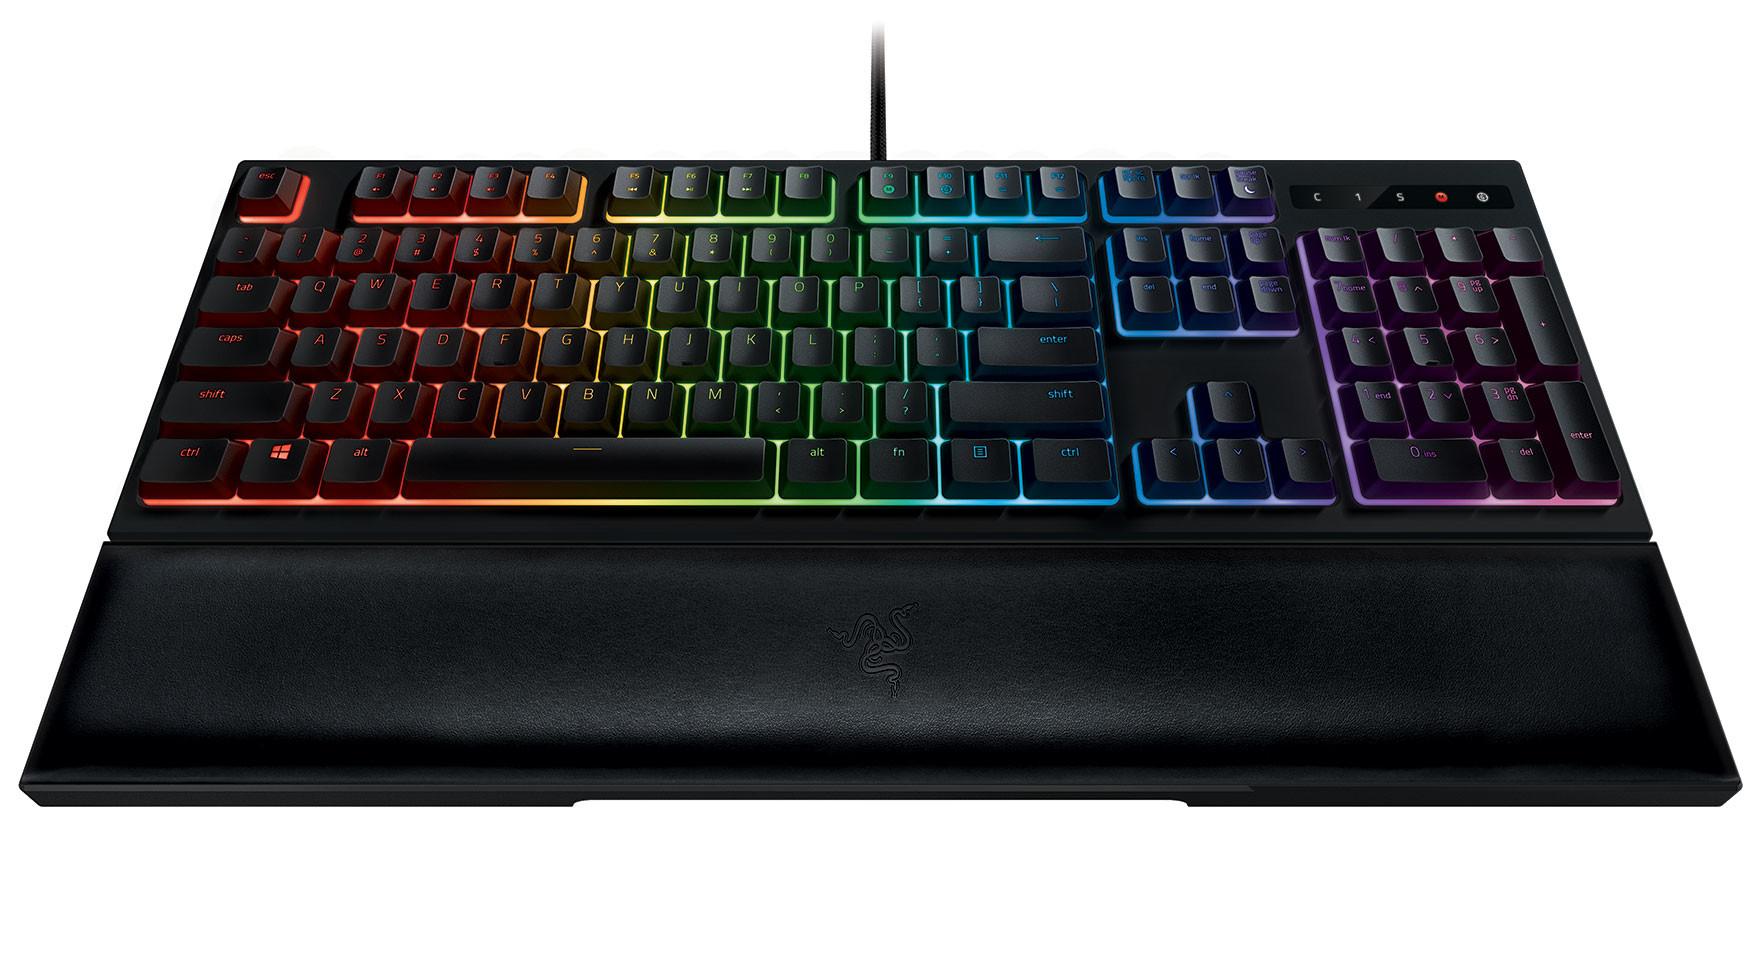 Ornata— новая игровая клавиатура отRazer напереключателях Mecha-Membrane